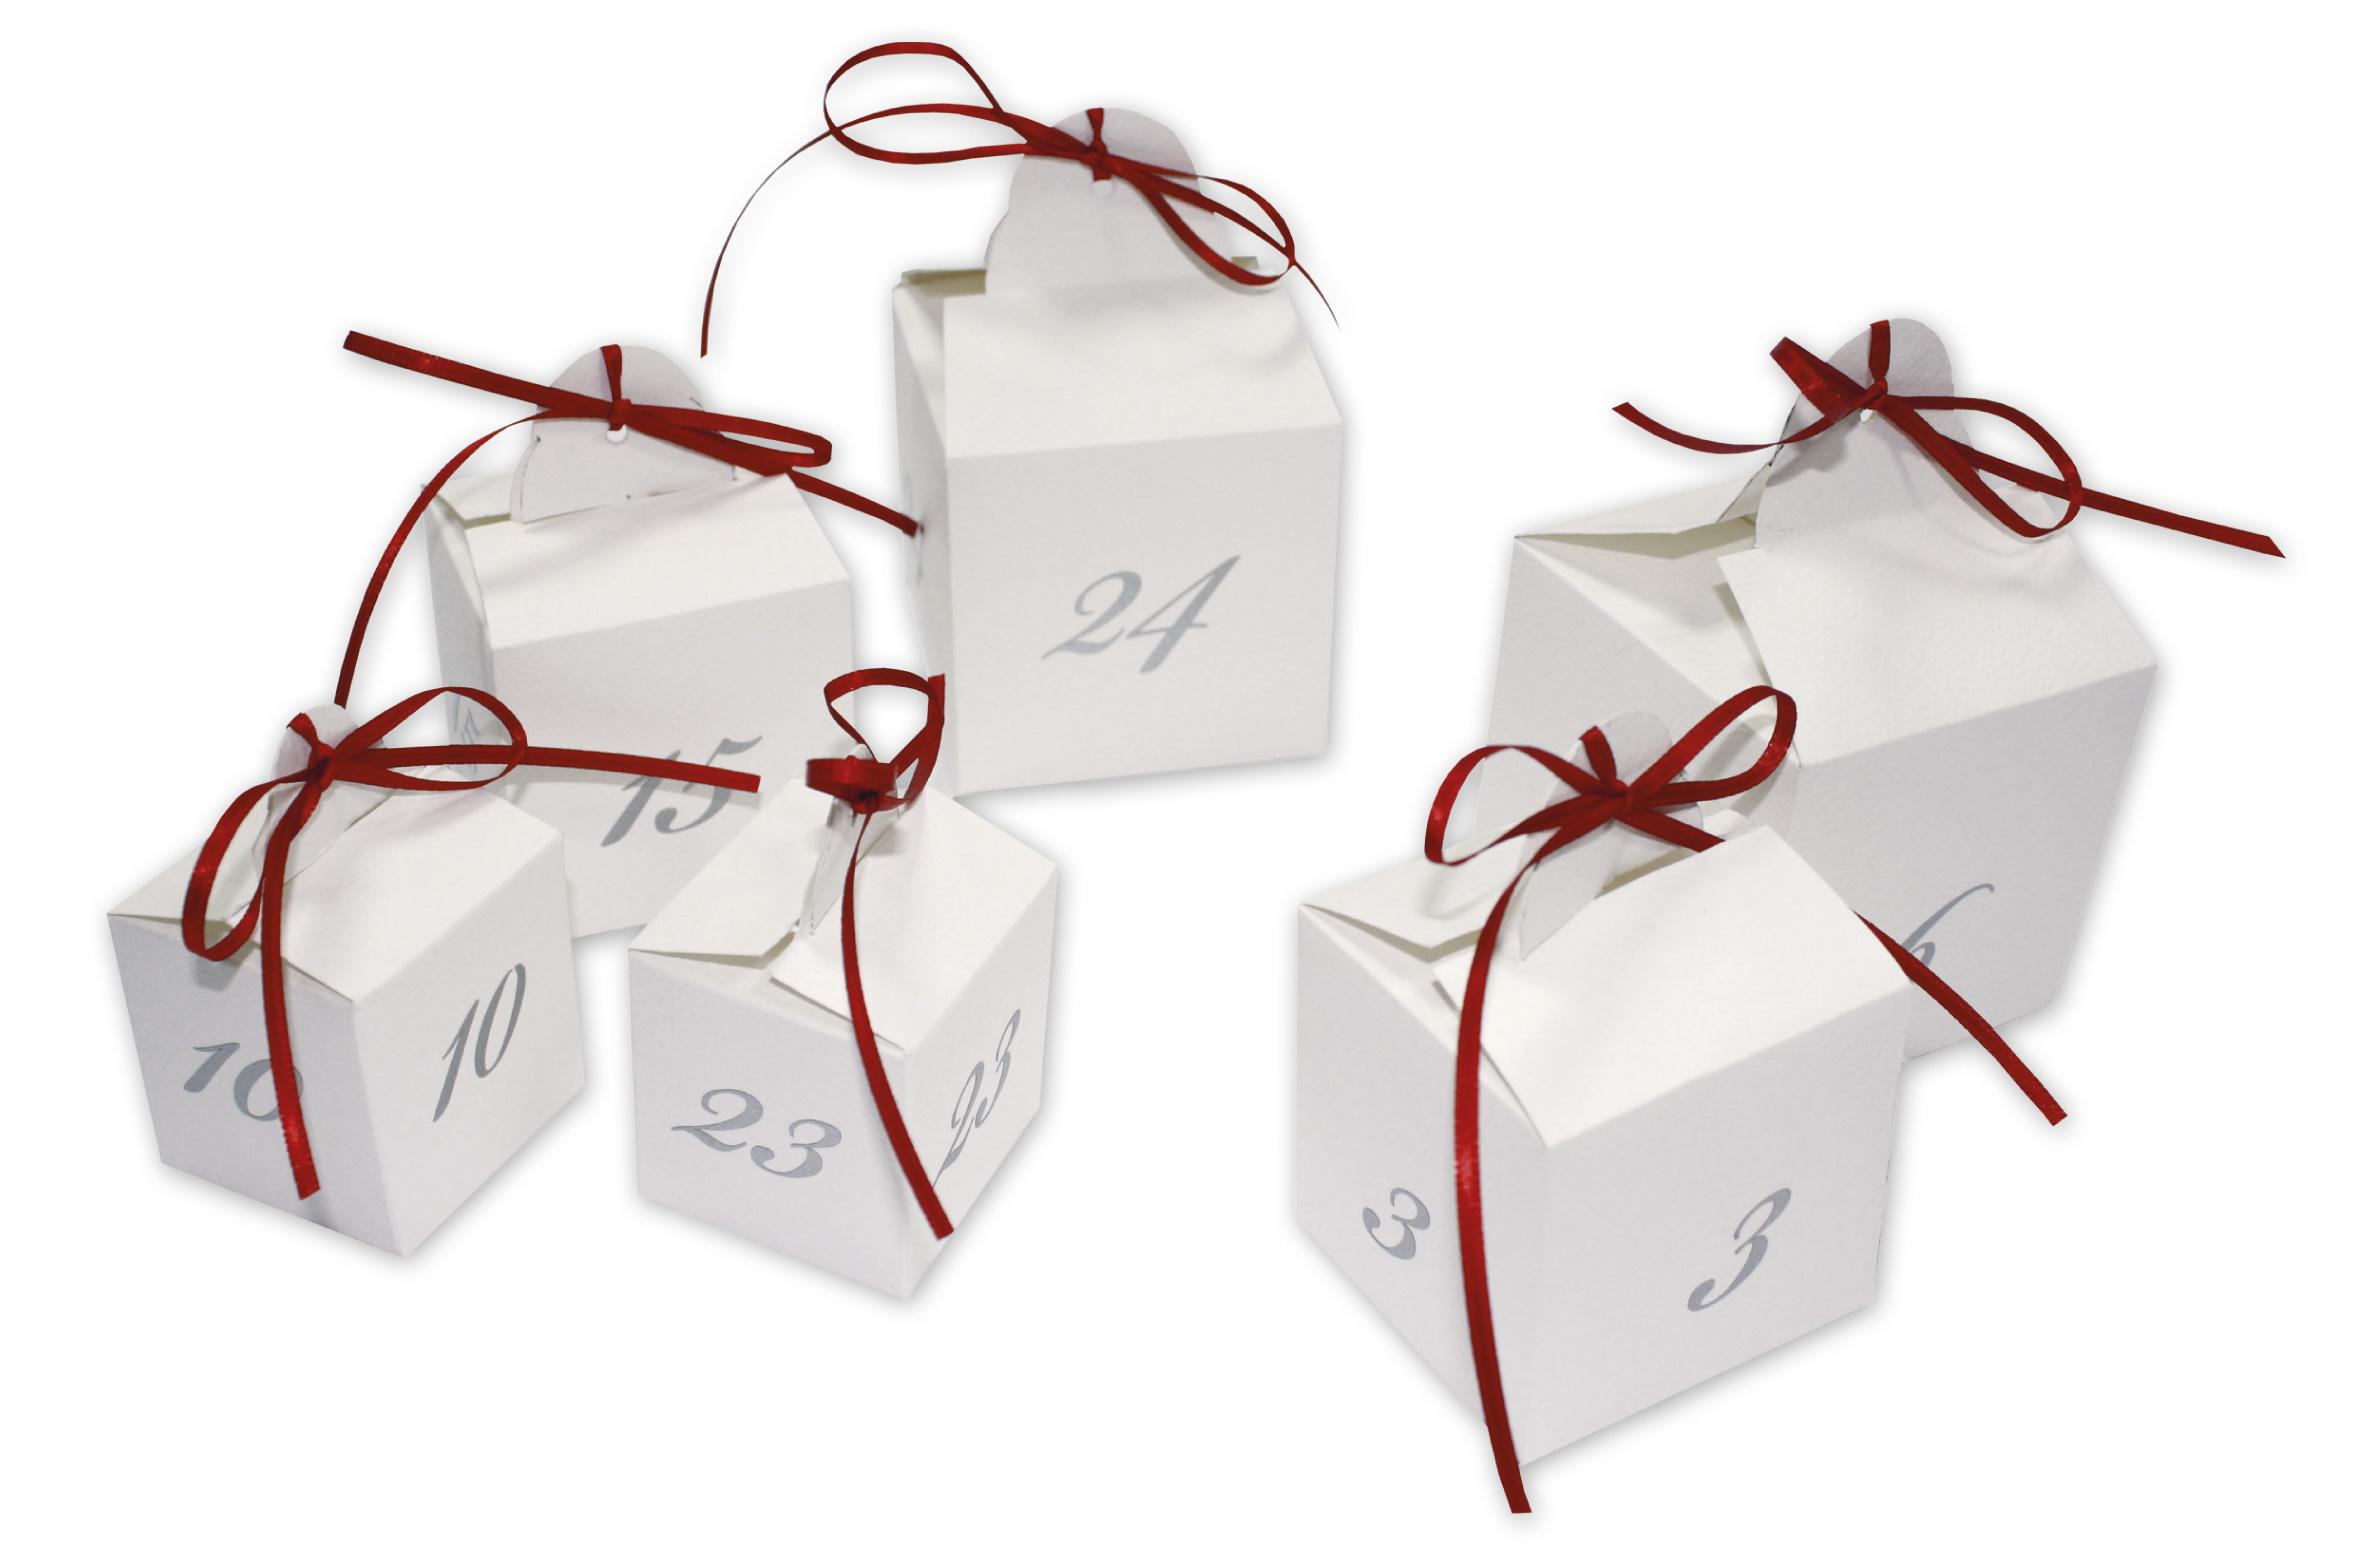 adventskalender weihnachtskalender 24 adventsw rfel zum selbst bef llen ebay. Black Bedroom Furniture Sets. Home Design Ideas